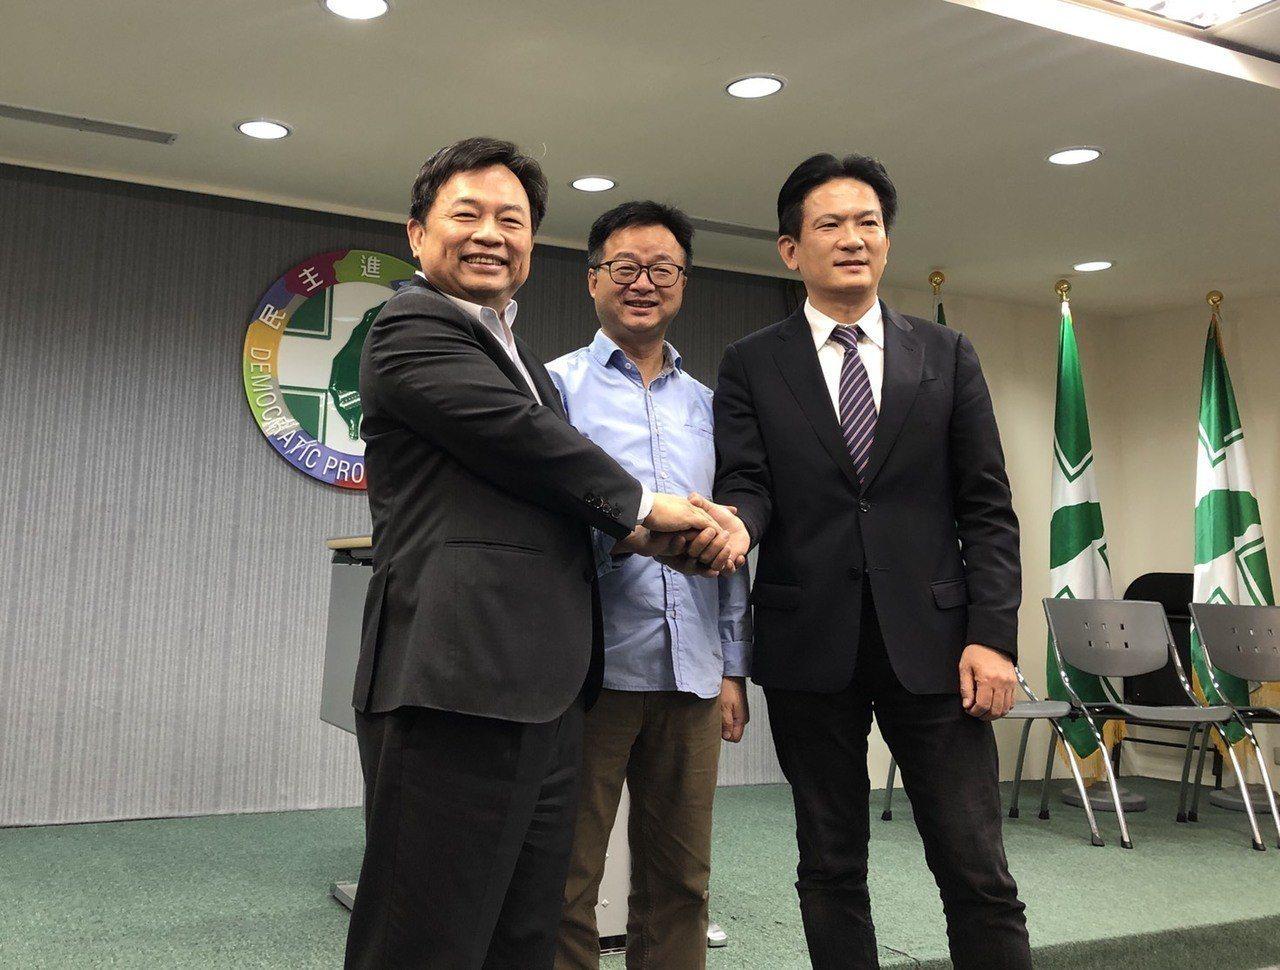 民進黨秘書長羅文嘉(中)與蔡陣營代表林錫耀(左)及賴陣營代表林俊憲昨協調會後共同...